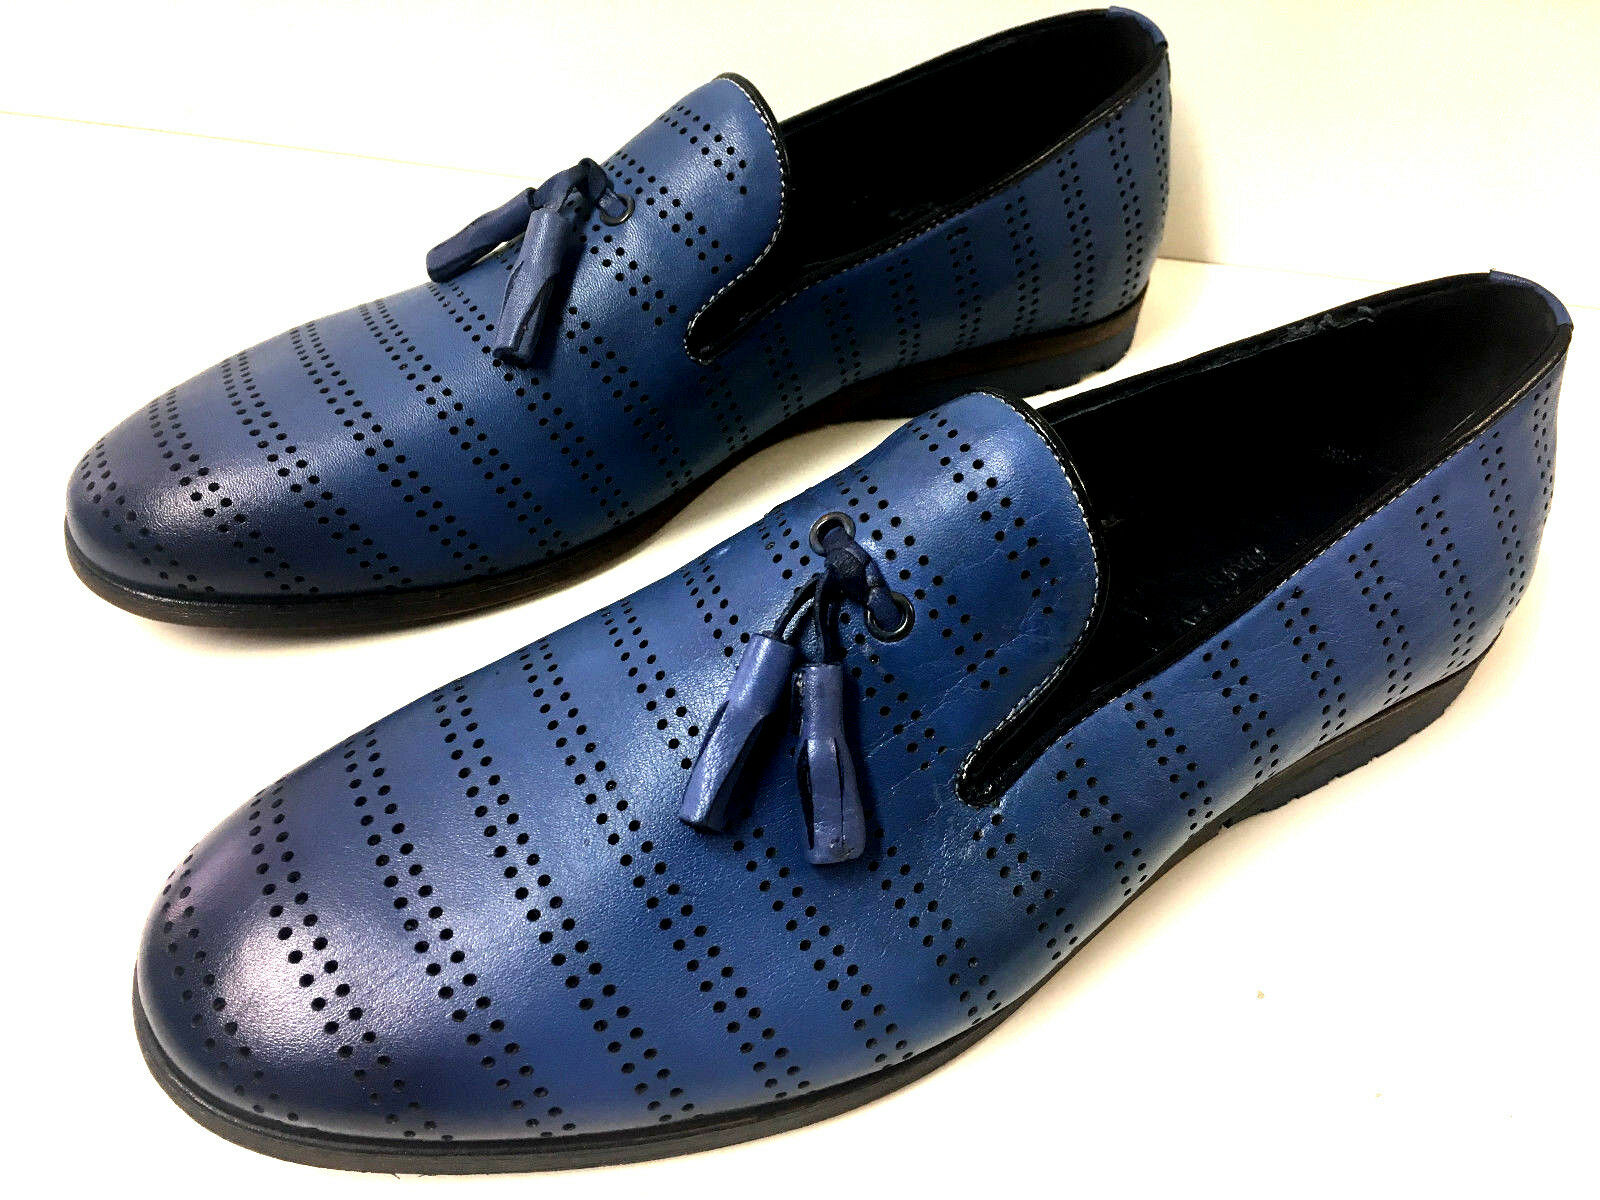 Nuovo Mode Mocassino Mocassini Loafer pelle Blu Sautope con Fori Morbide Sautope classeiche da uomo